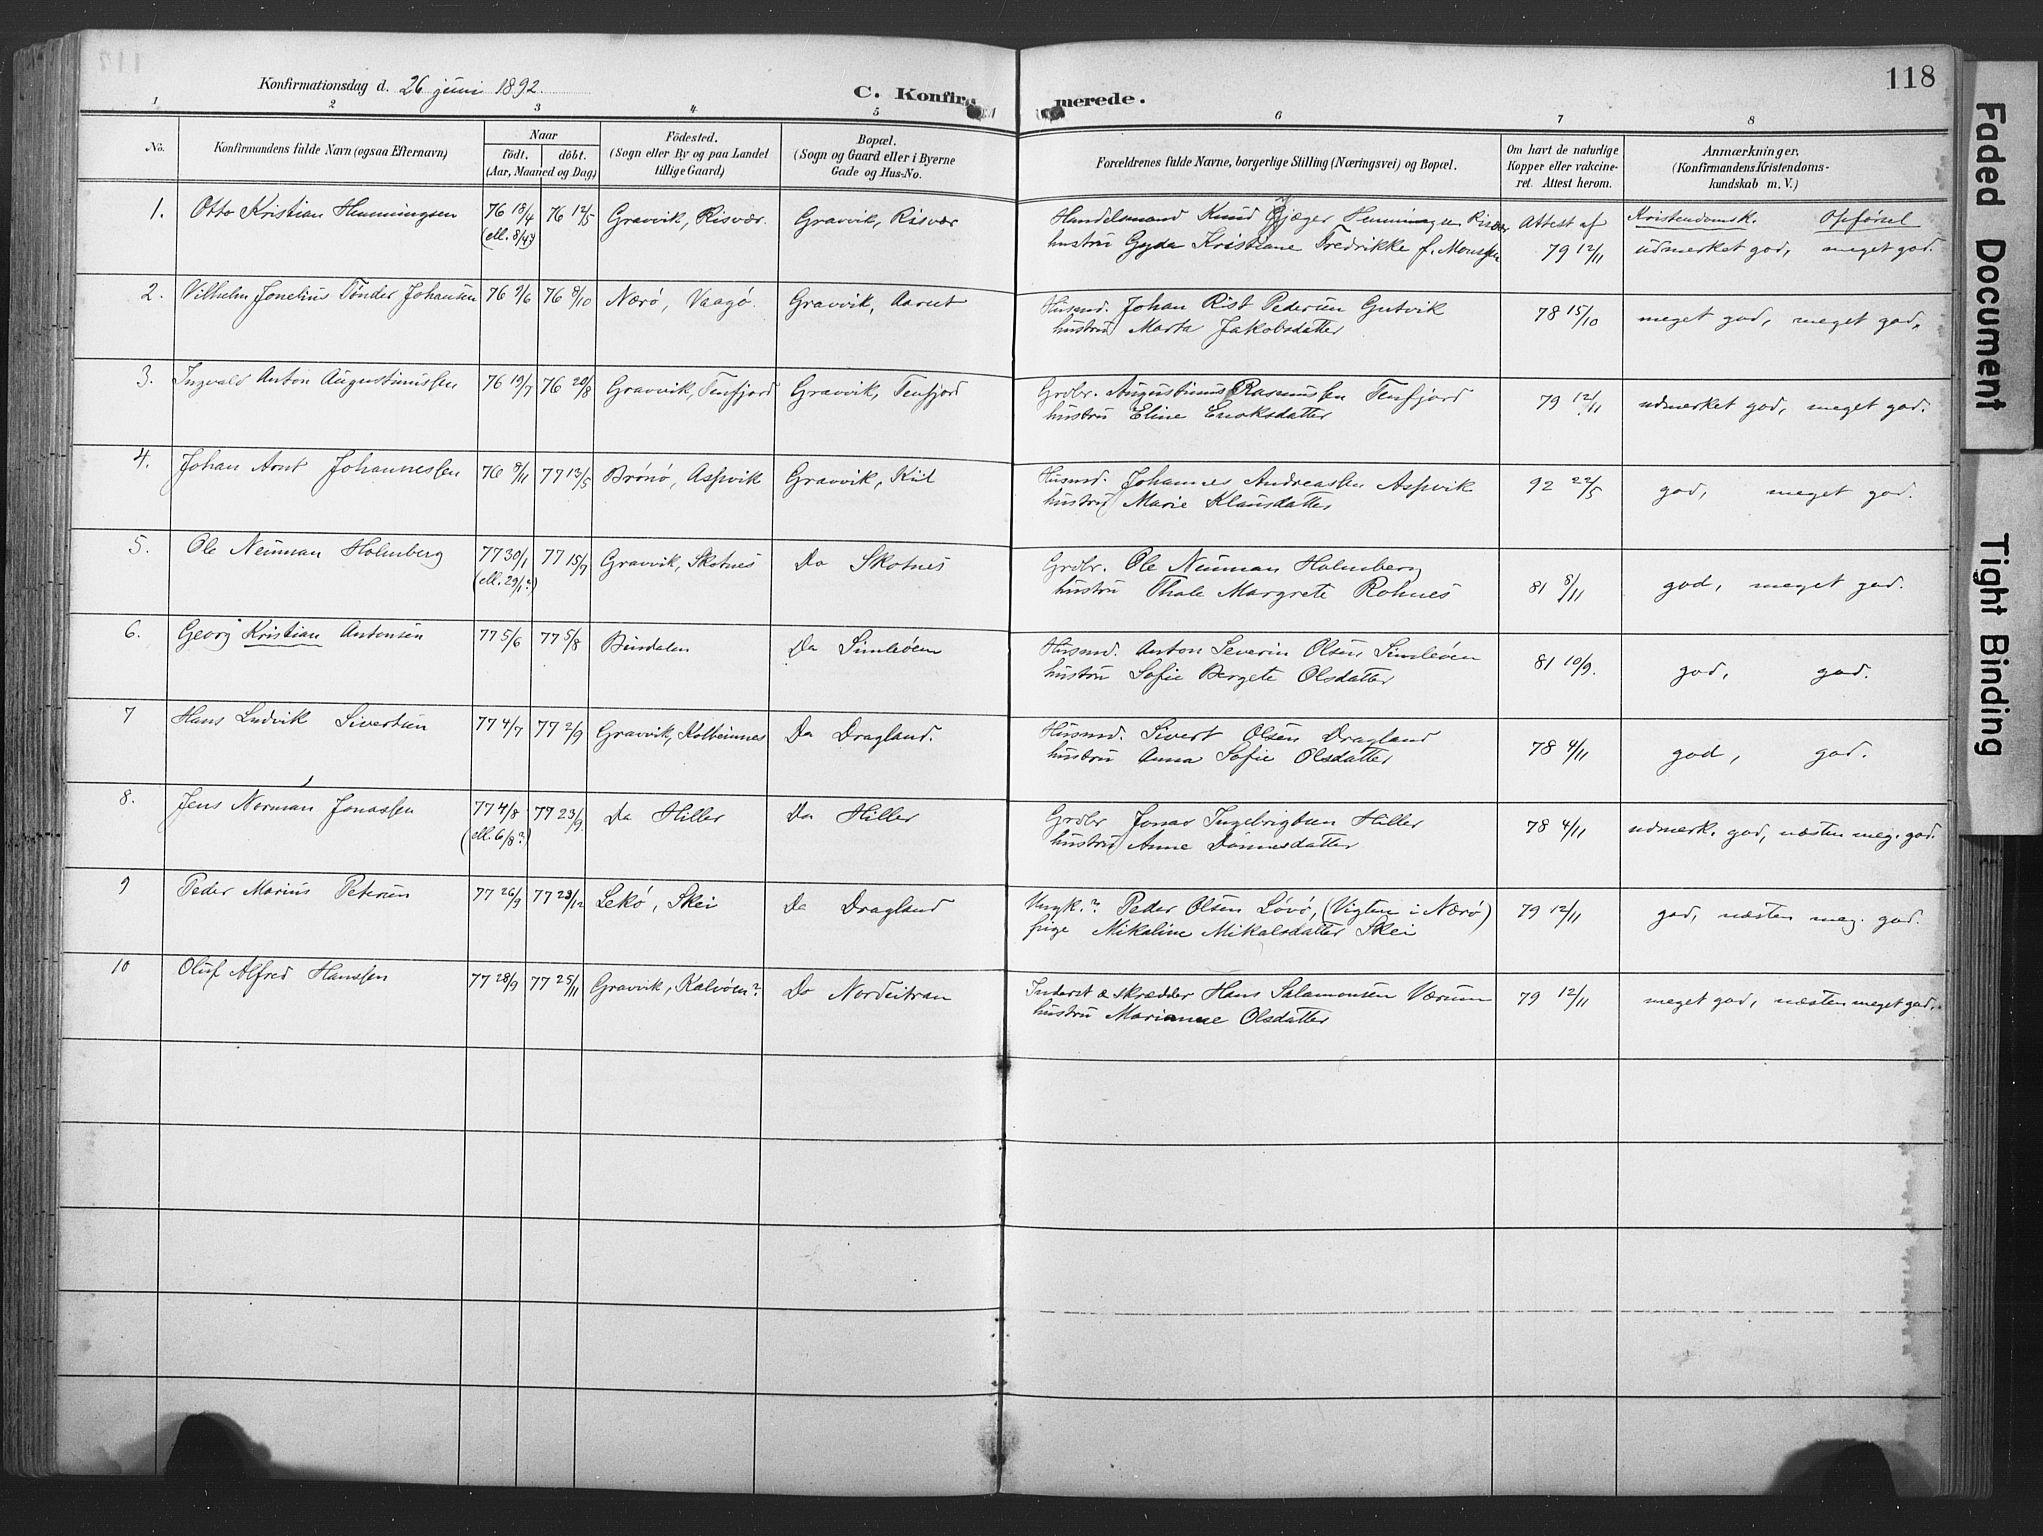 SAT, Ministerialprotokoller, klokkerbøker og fødselsregistre - Nord-Trøndelag, 789/L0706: Klokkerbok nr. 789C01, 1888-1931, s. 118